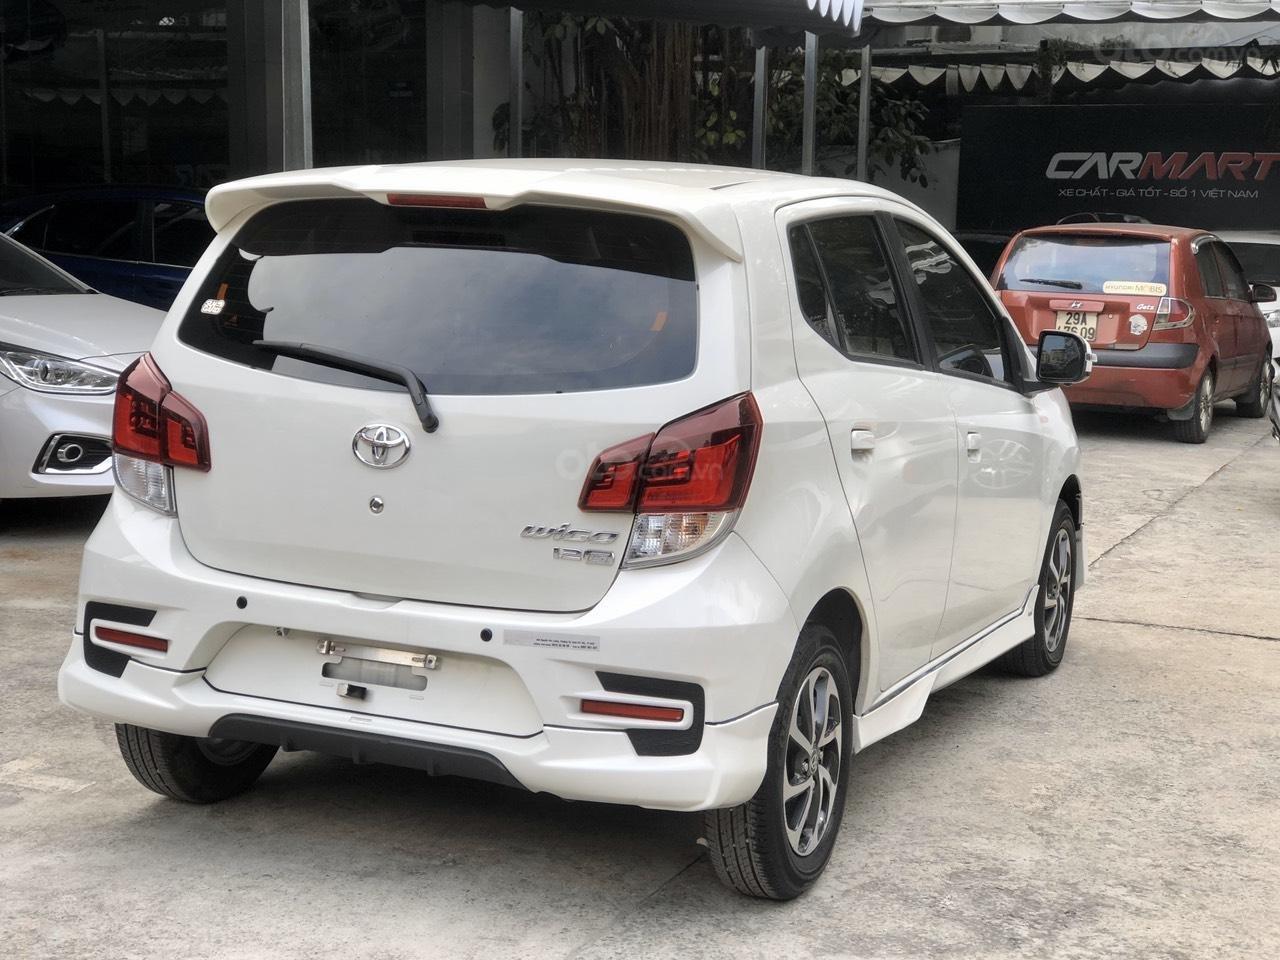 Toyota Wigo 1.2 G AT 2018, màu trắng, số tự động, trả góp (8)